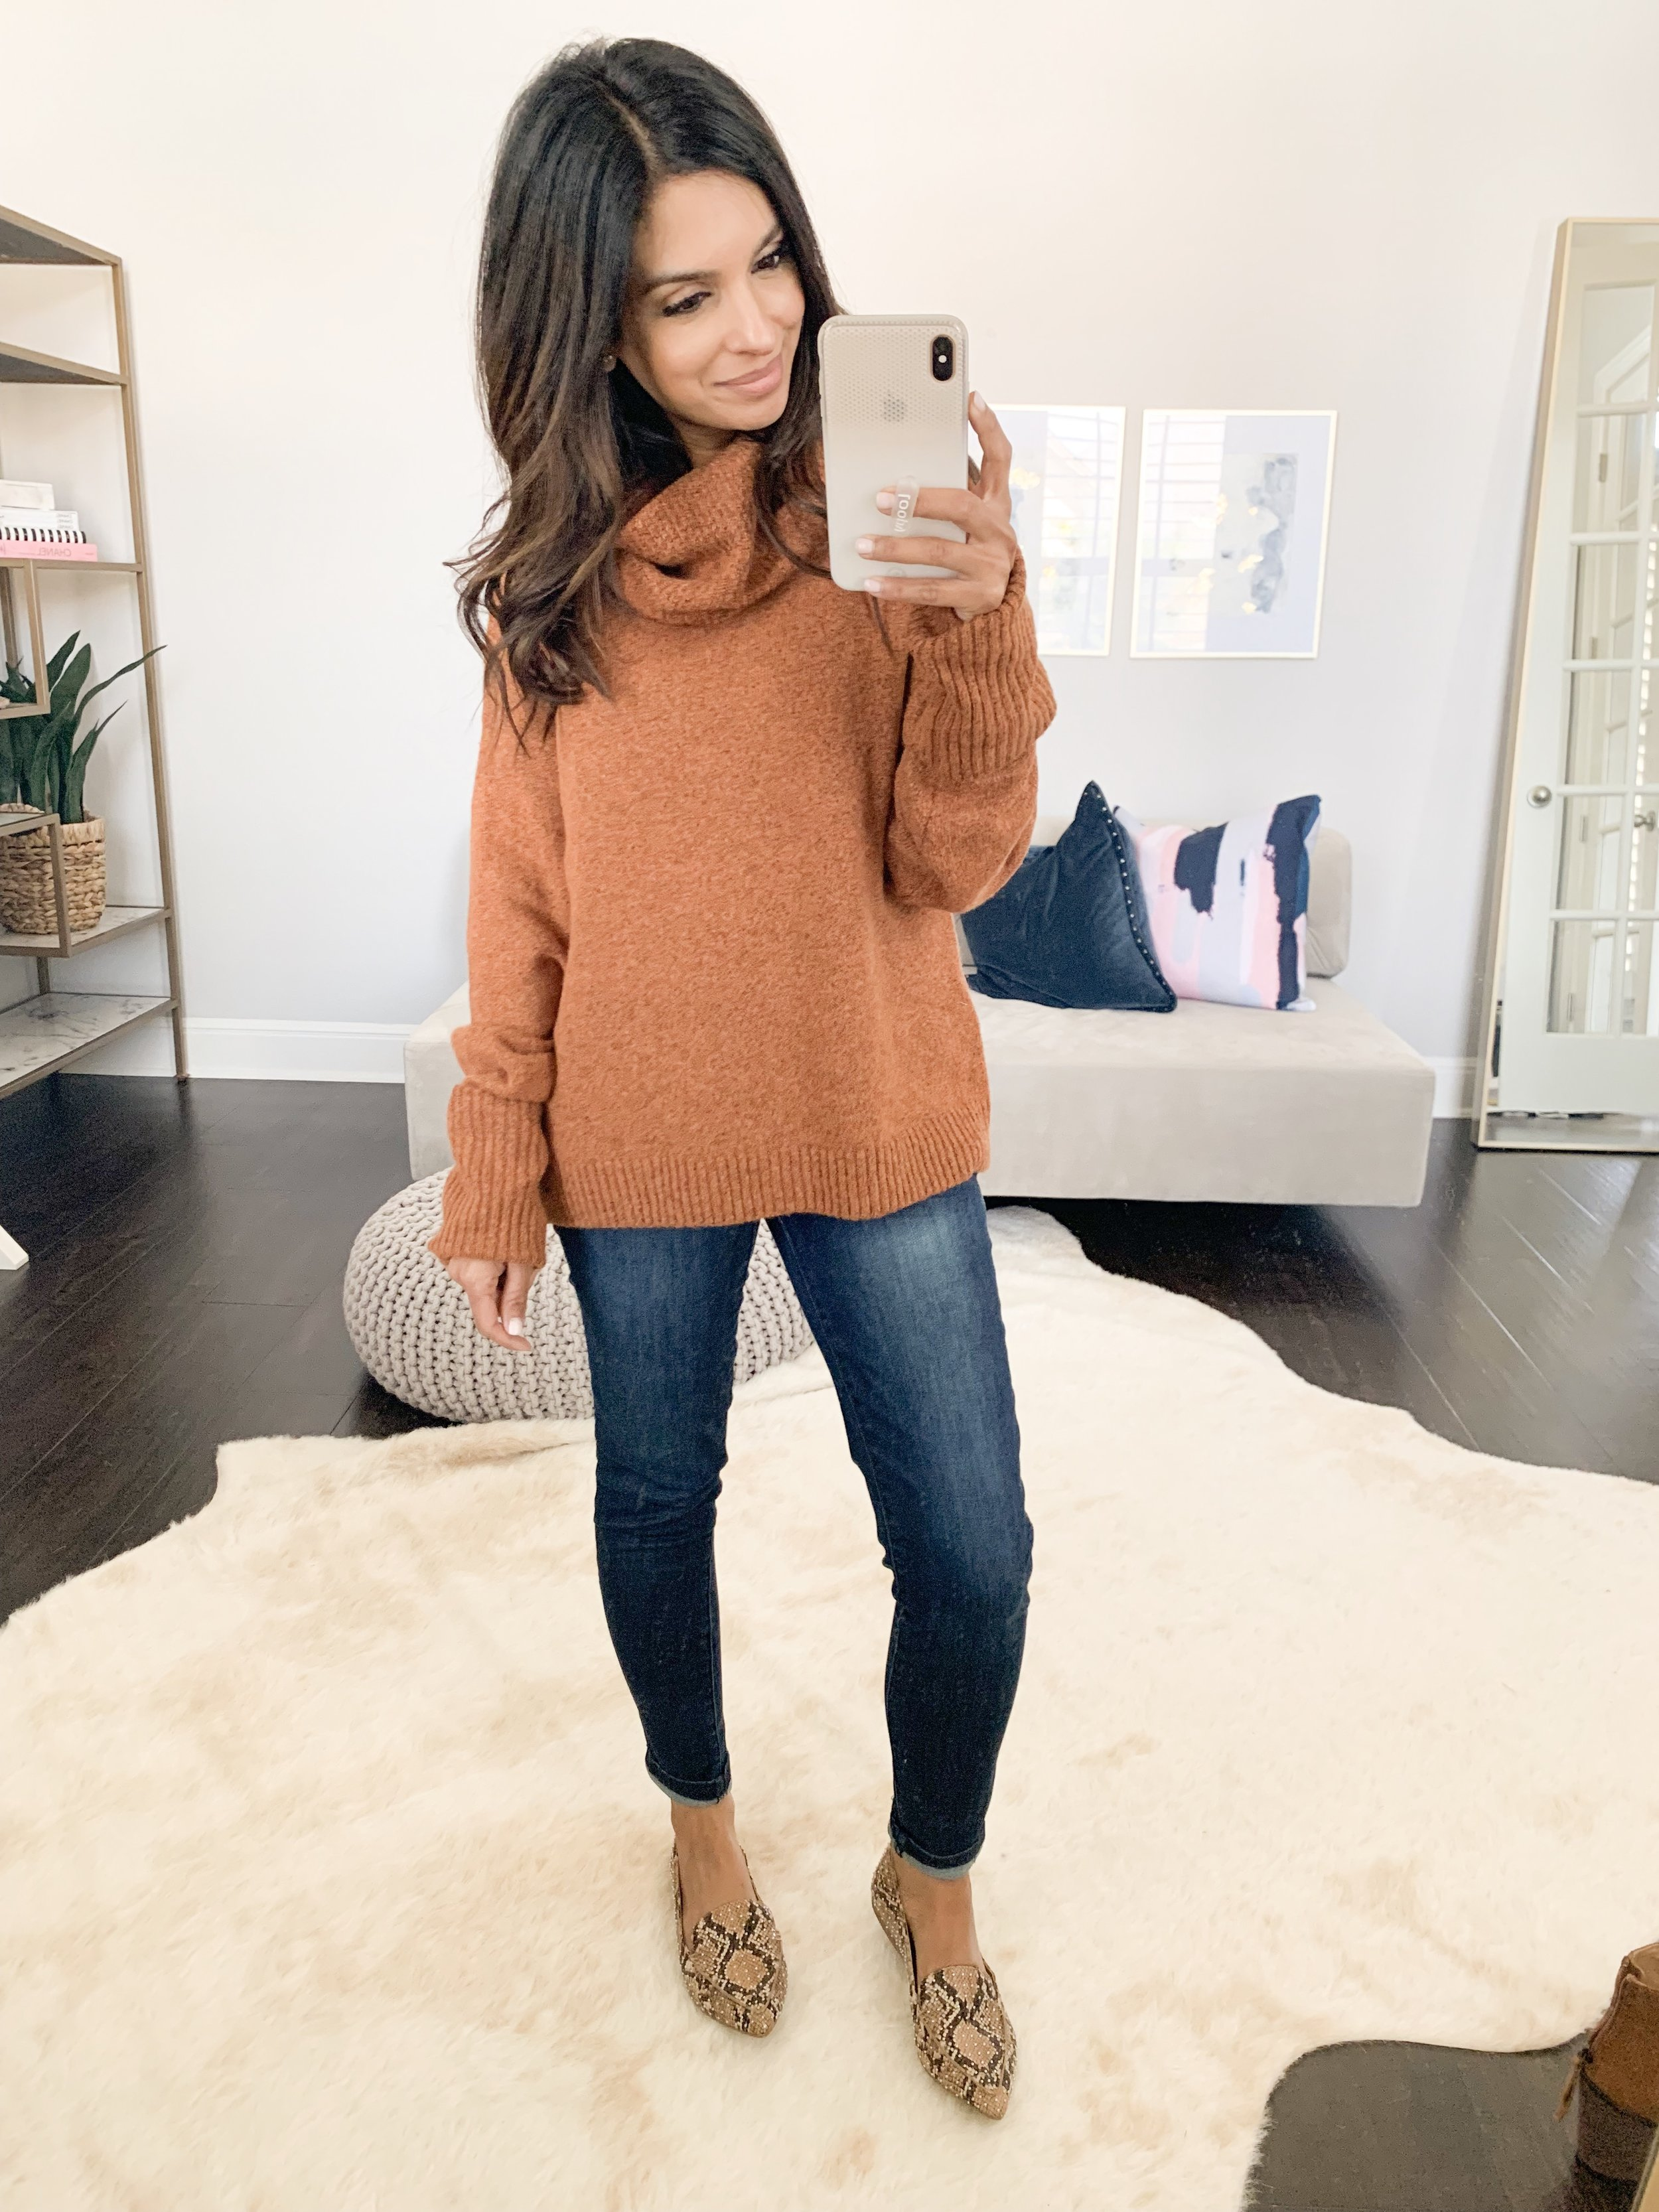 Sweater (XS)    //    Jeans (TTS)    //    Flats (TTS)